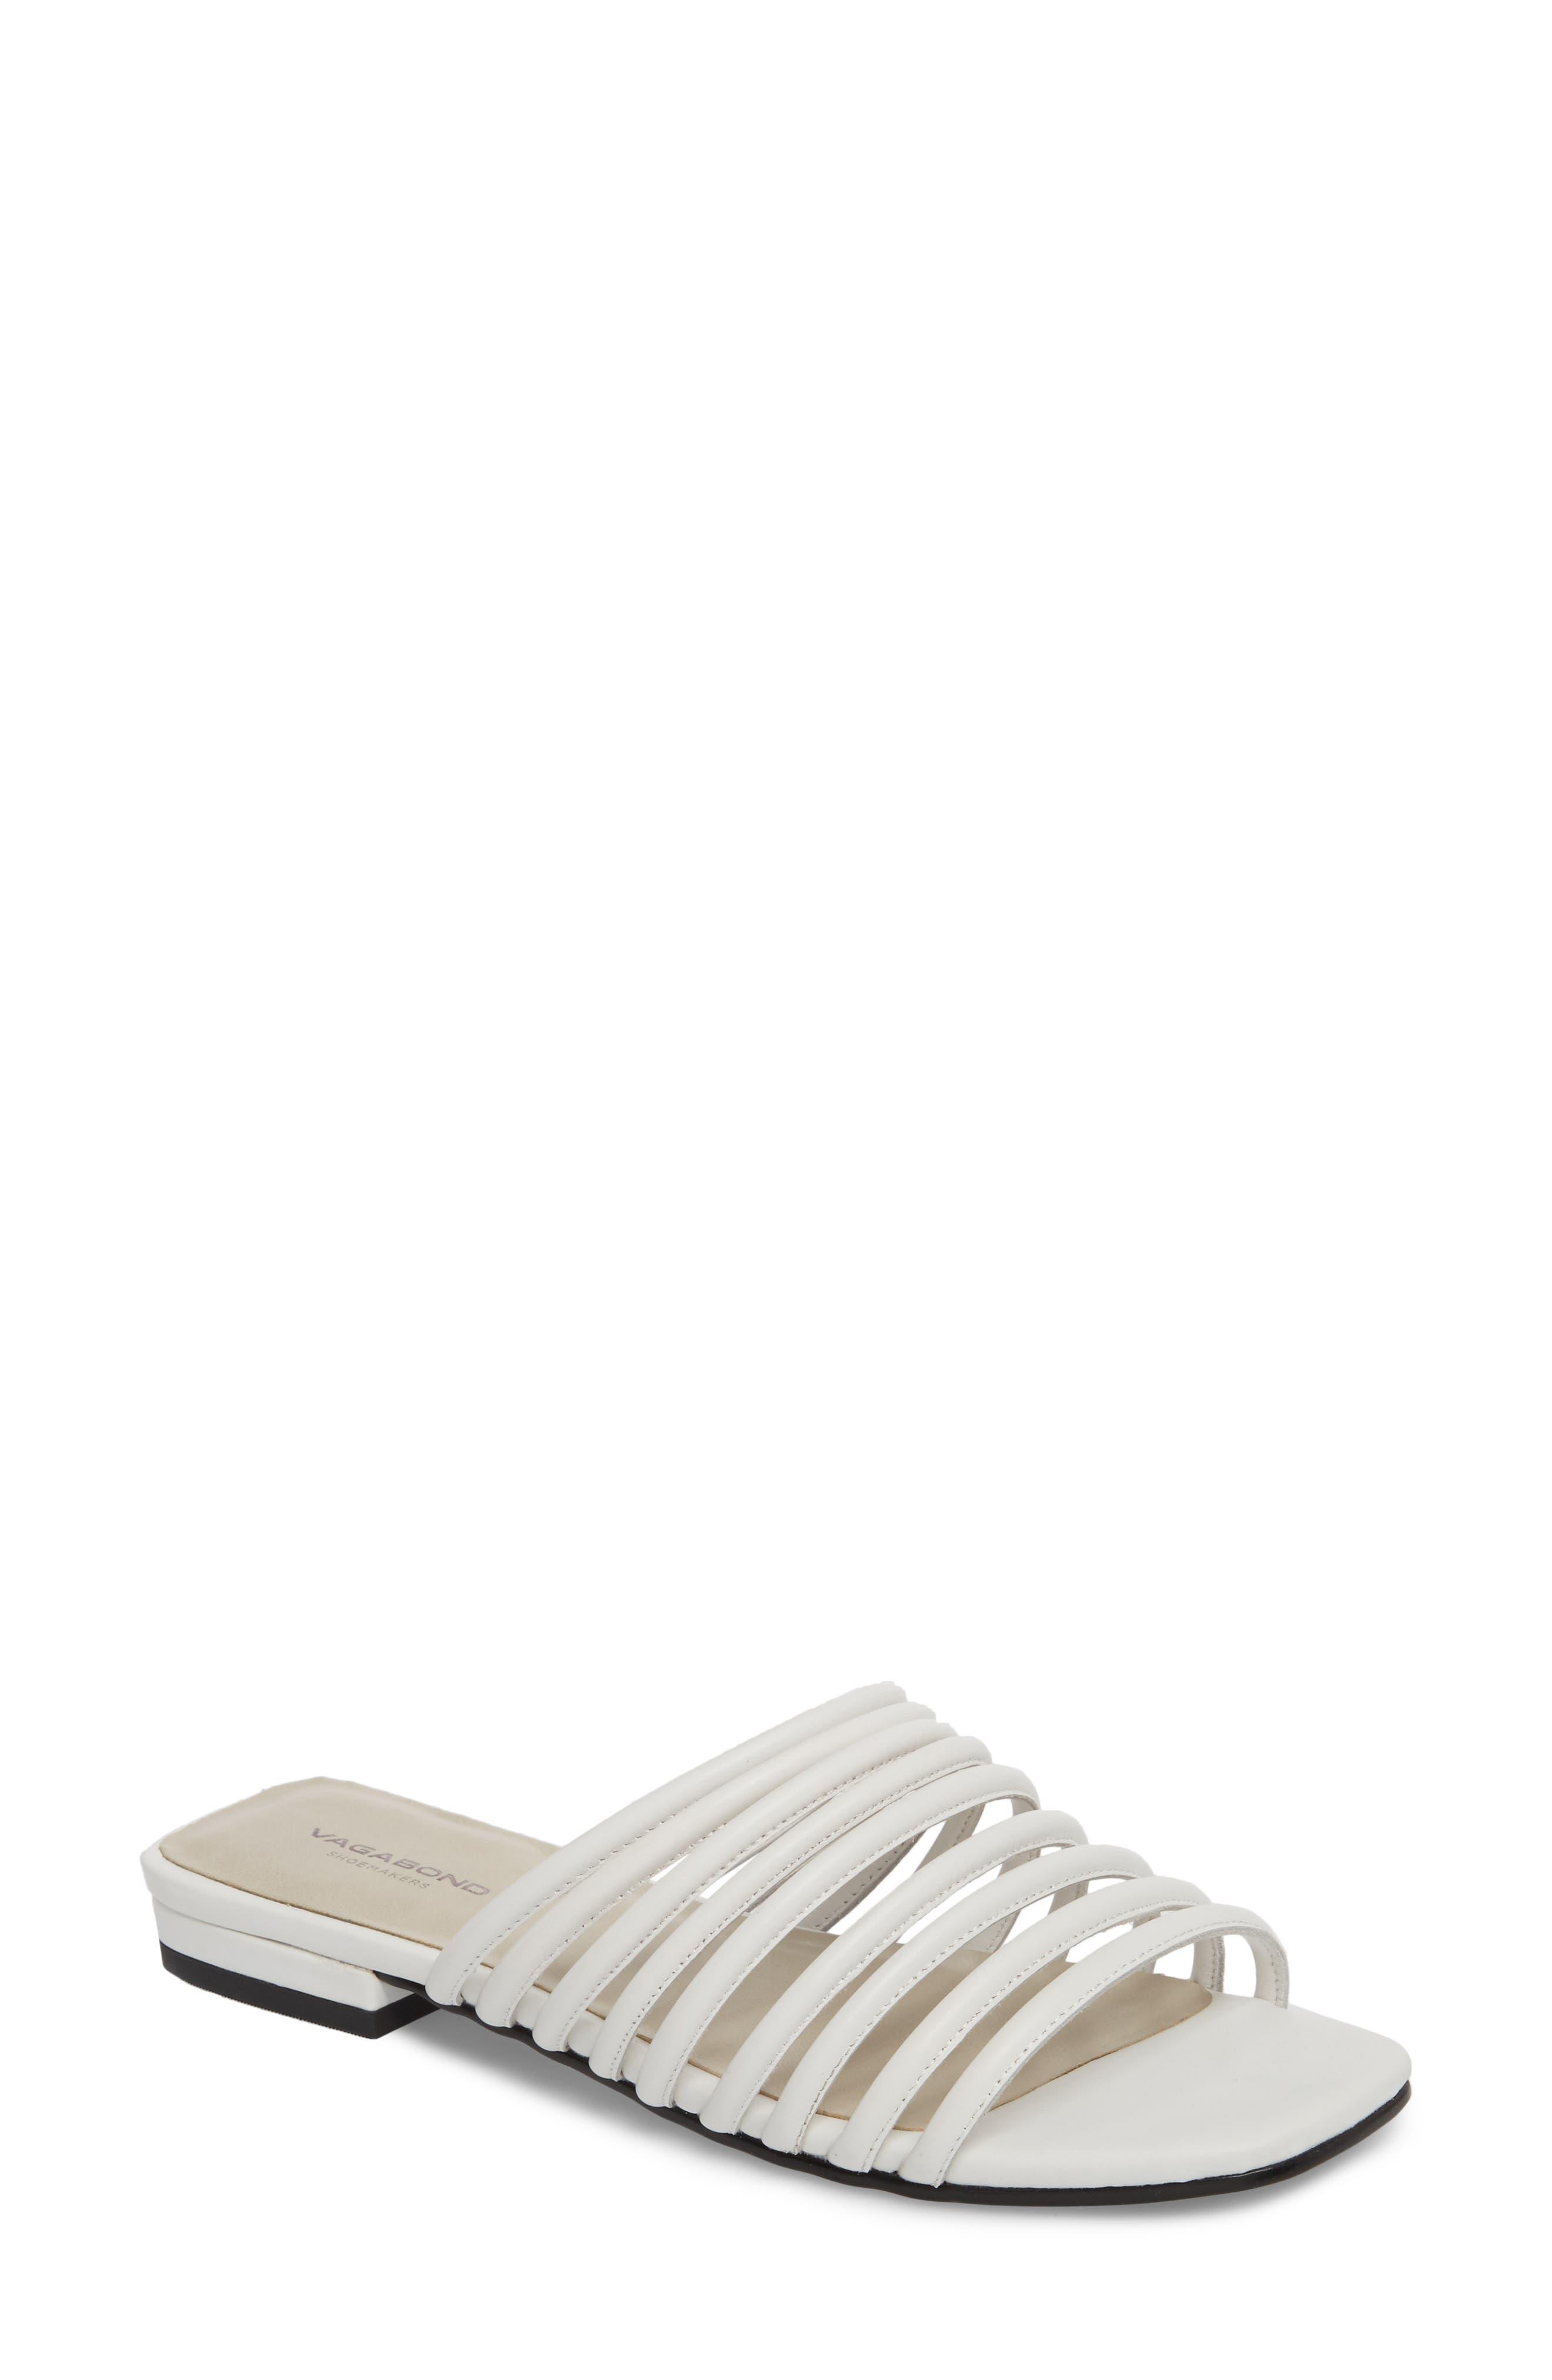 Becky Slide Sandal,                             Main thumbnail 1, color,                             White Leather